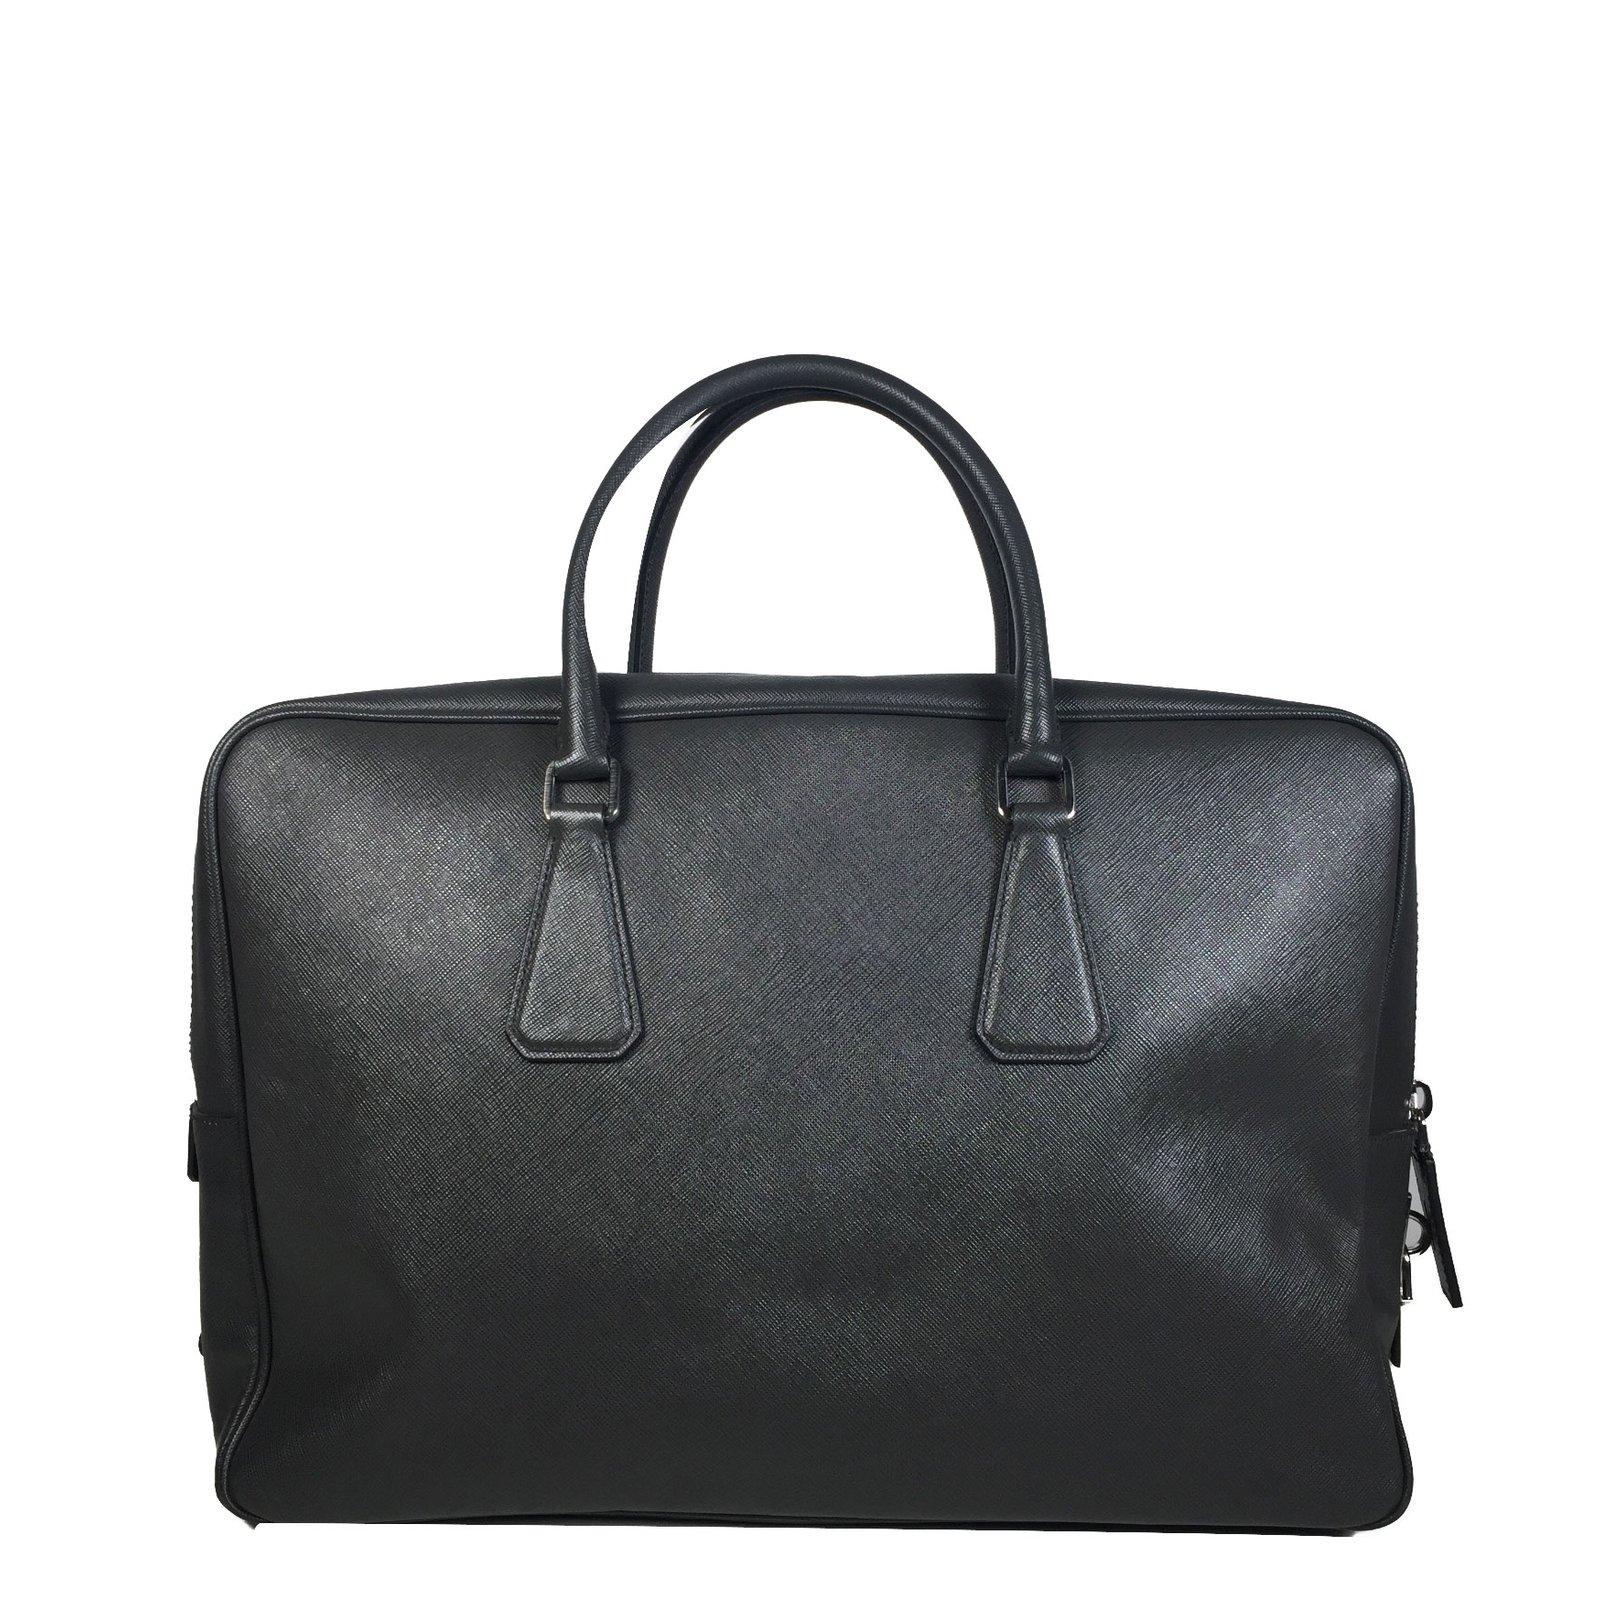 9313a11a4b90 Prada Bags Briefcases Bags Briefcases Leather Dark grey ref.53713 - Joli  Closet